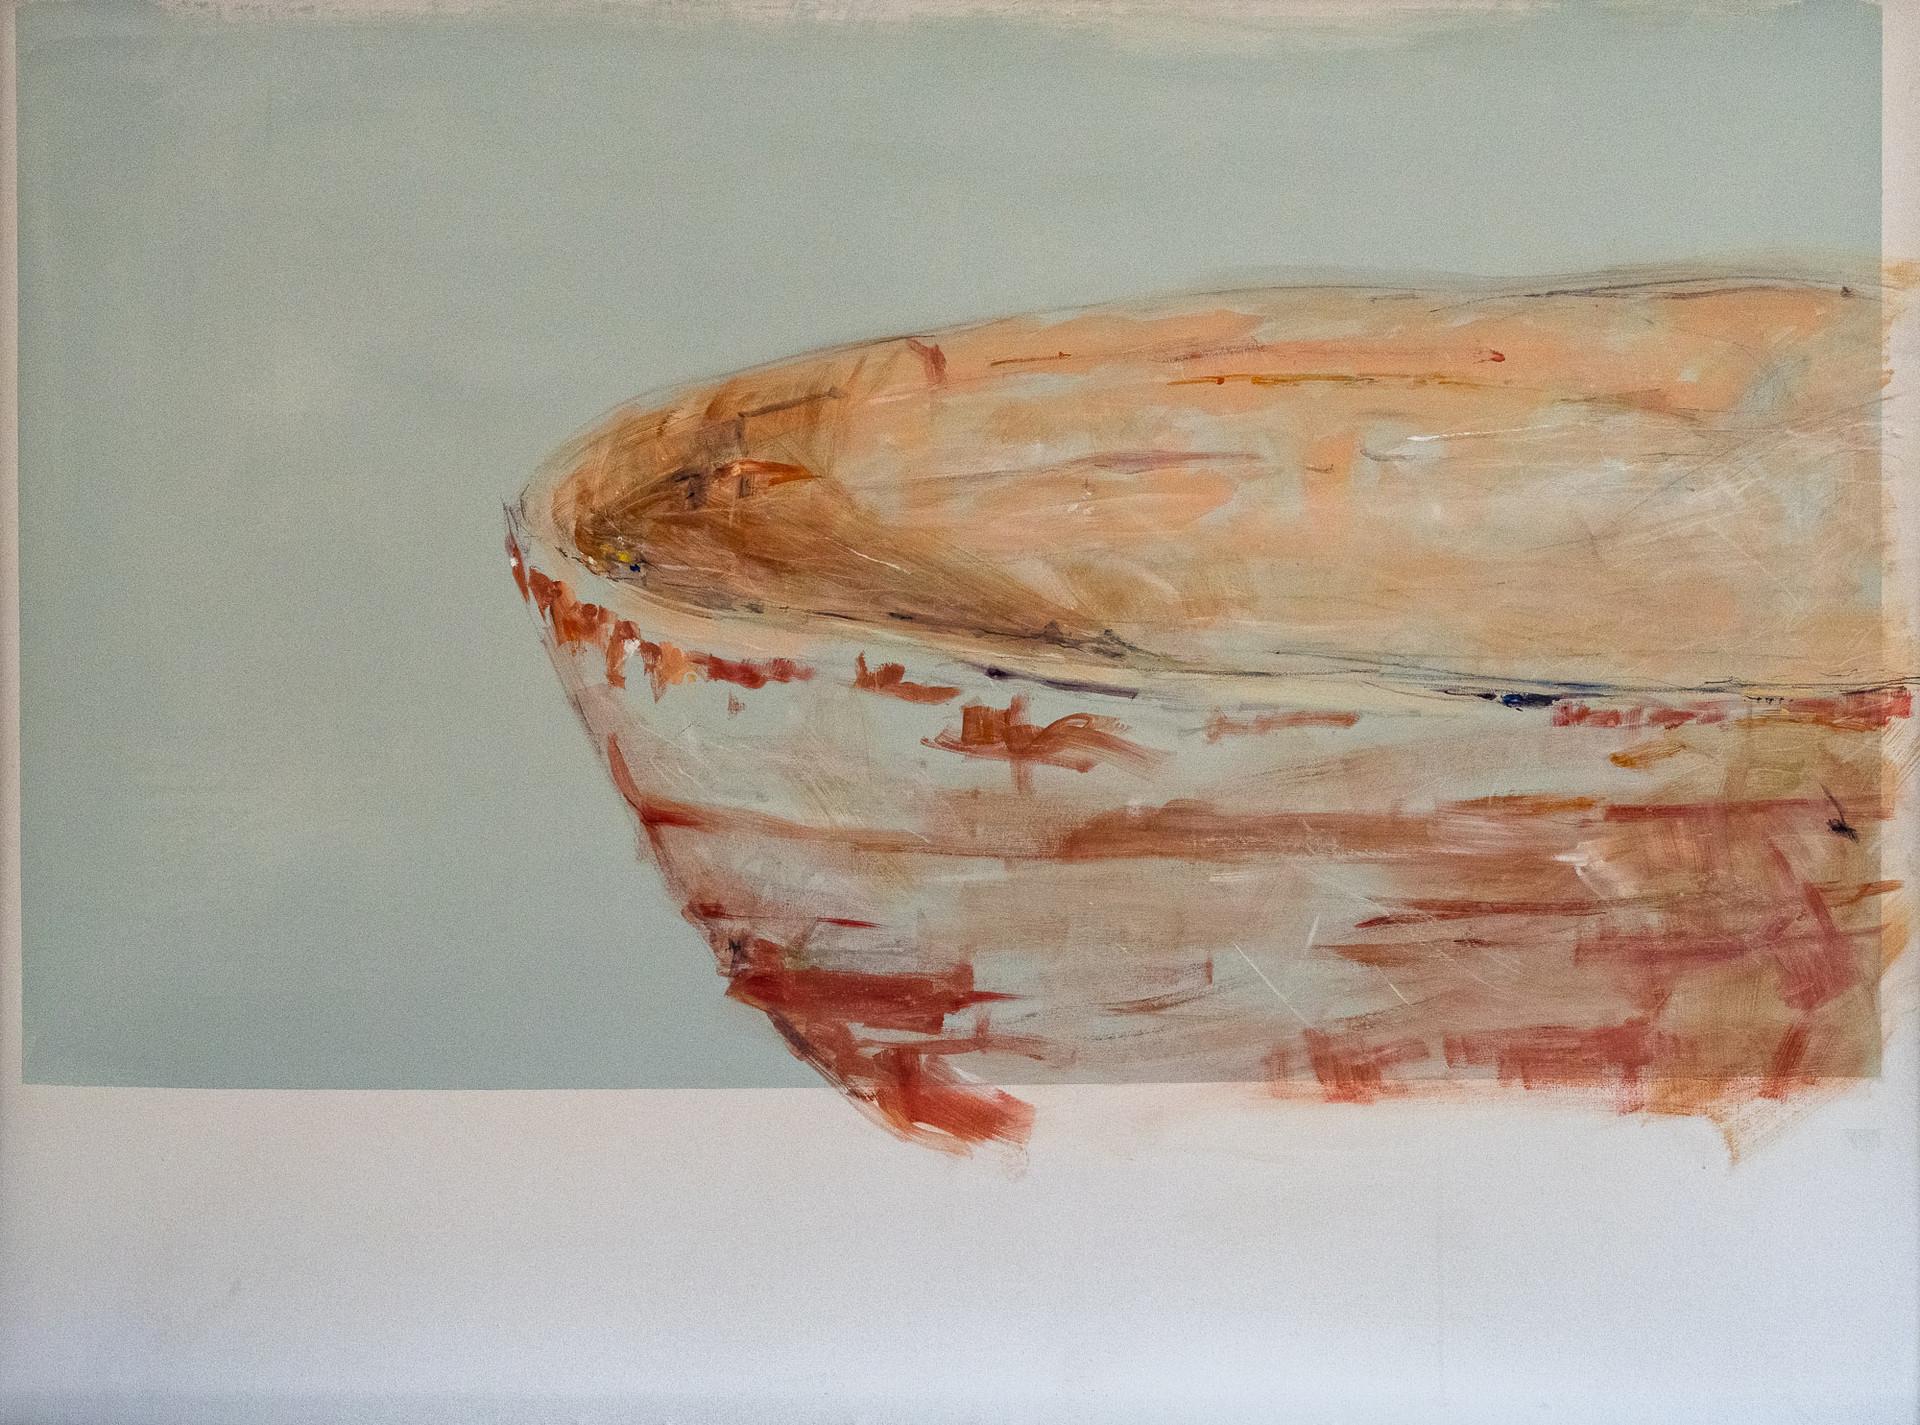 """Urgent still, 2019 Acrylic, pastel, on canvas 71.5"""" x 53"""" framed"""